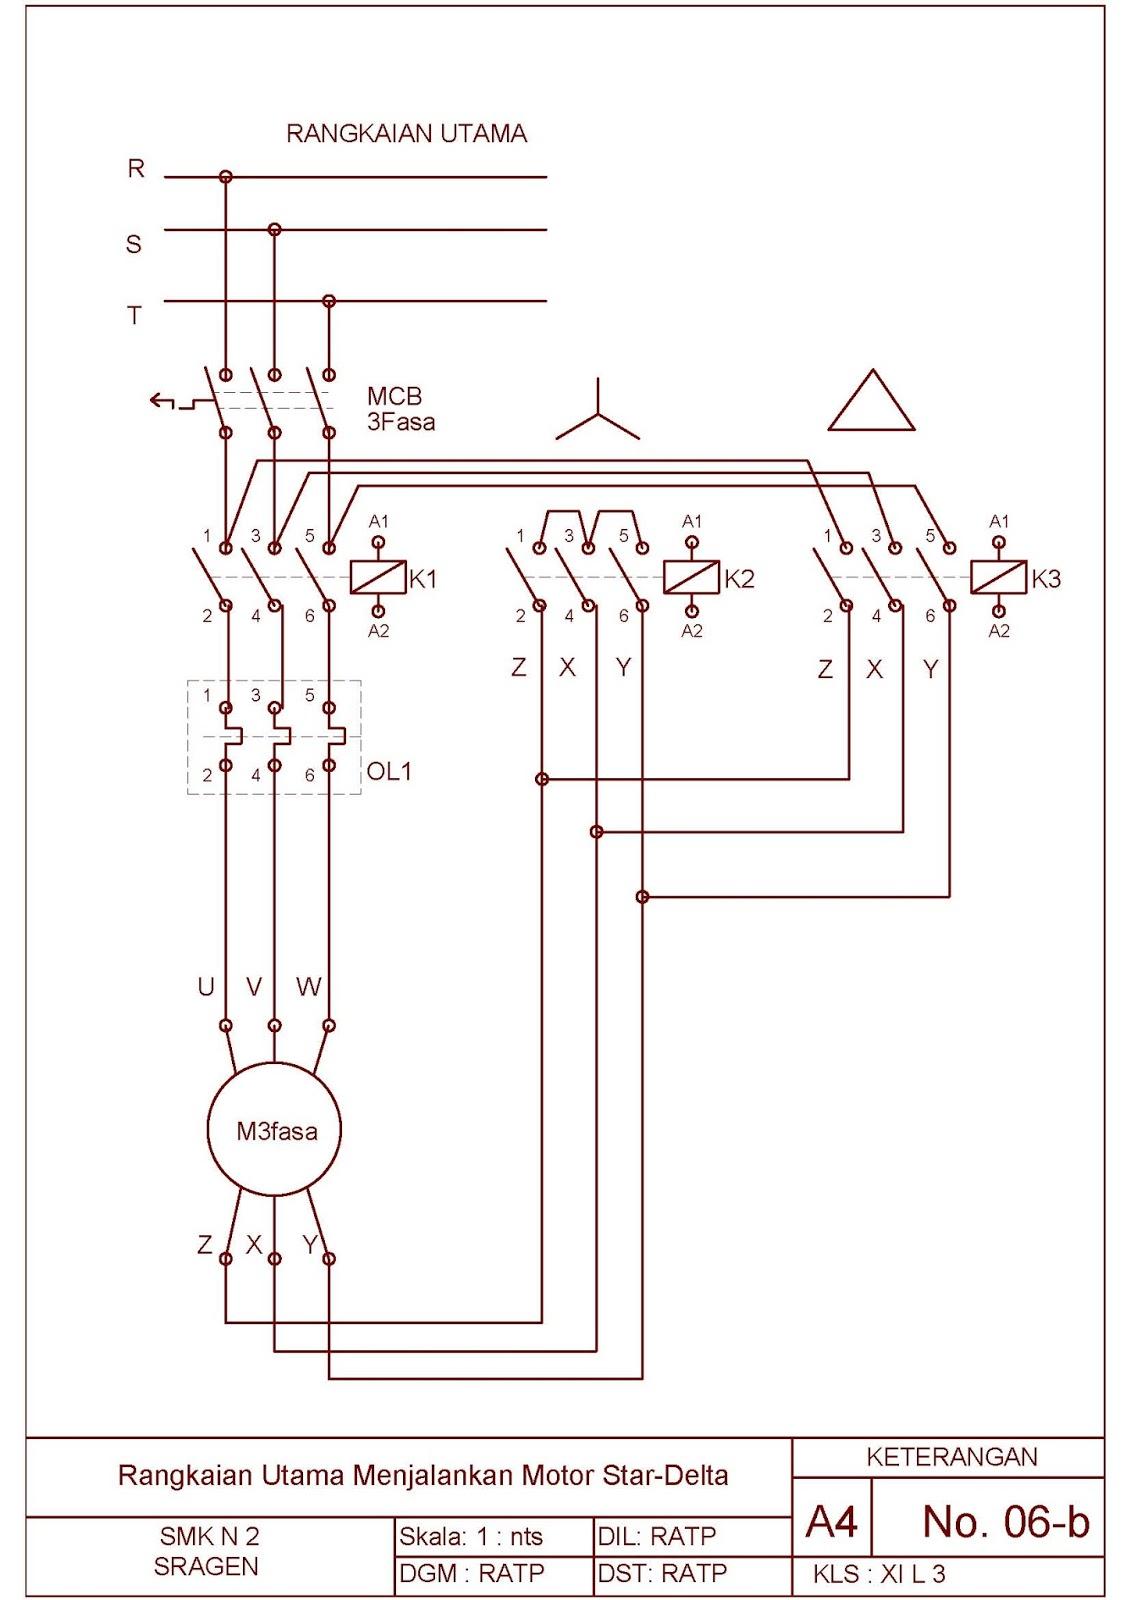 Star delta diagram daya wiring data job sheet praktek instalasi motor listrik tema rangkaian kontrol motor starter control wiring diagram star delta diagram daya ccuart Image collections